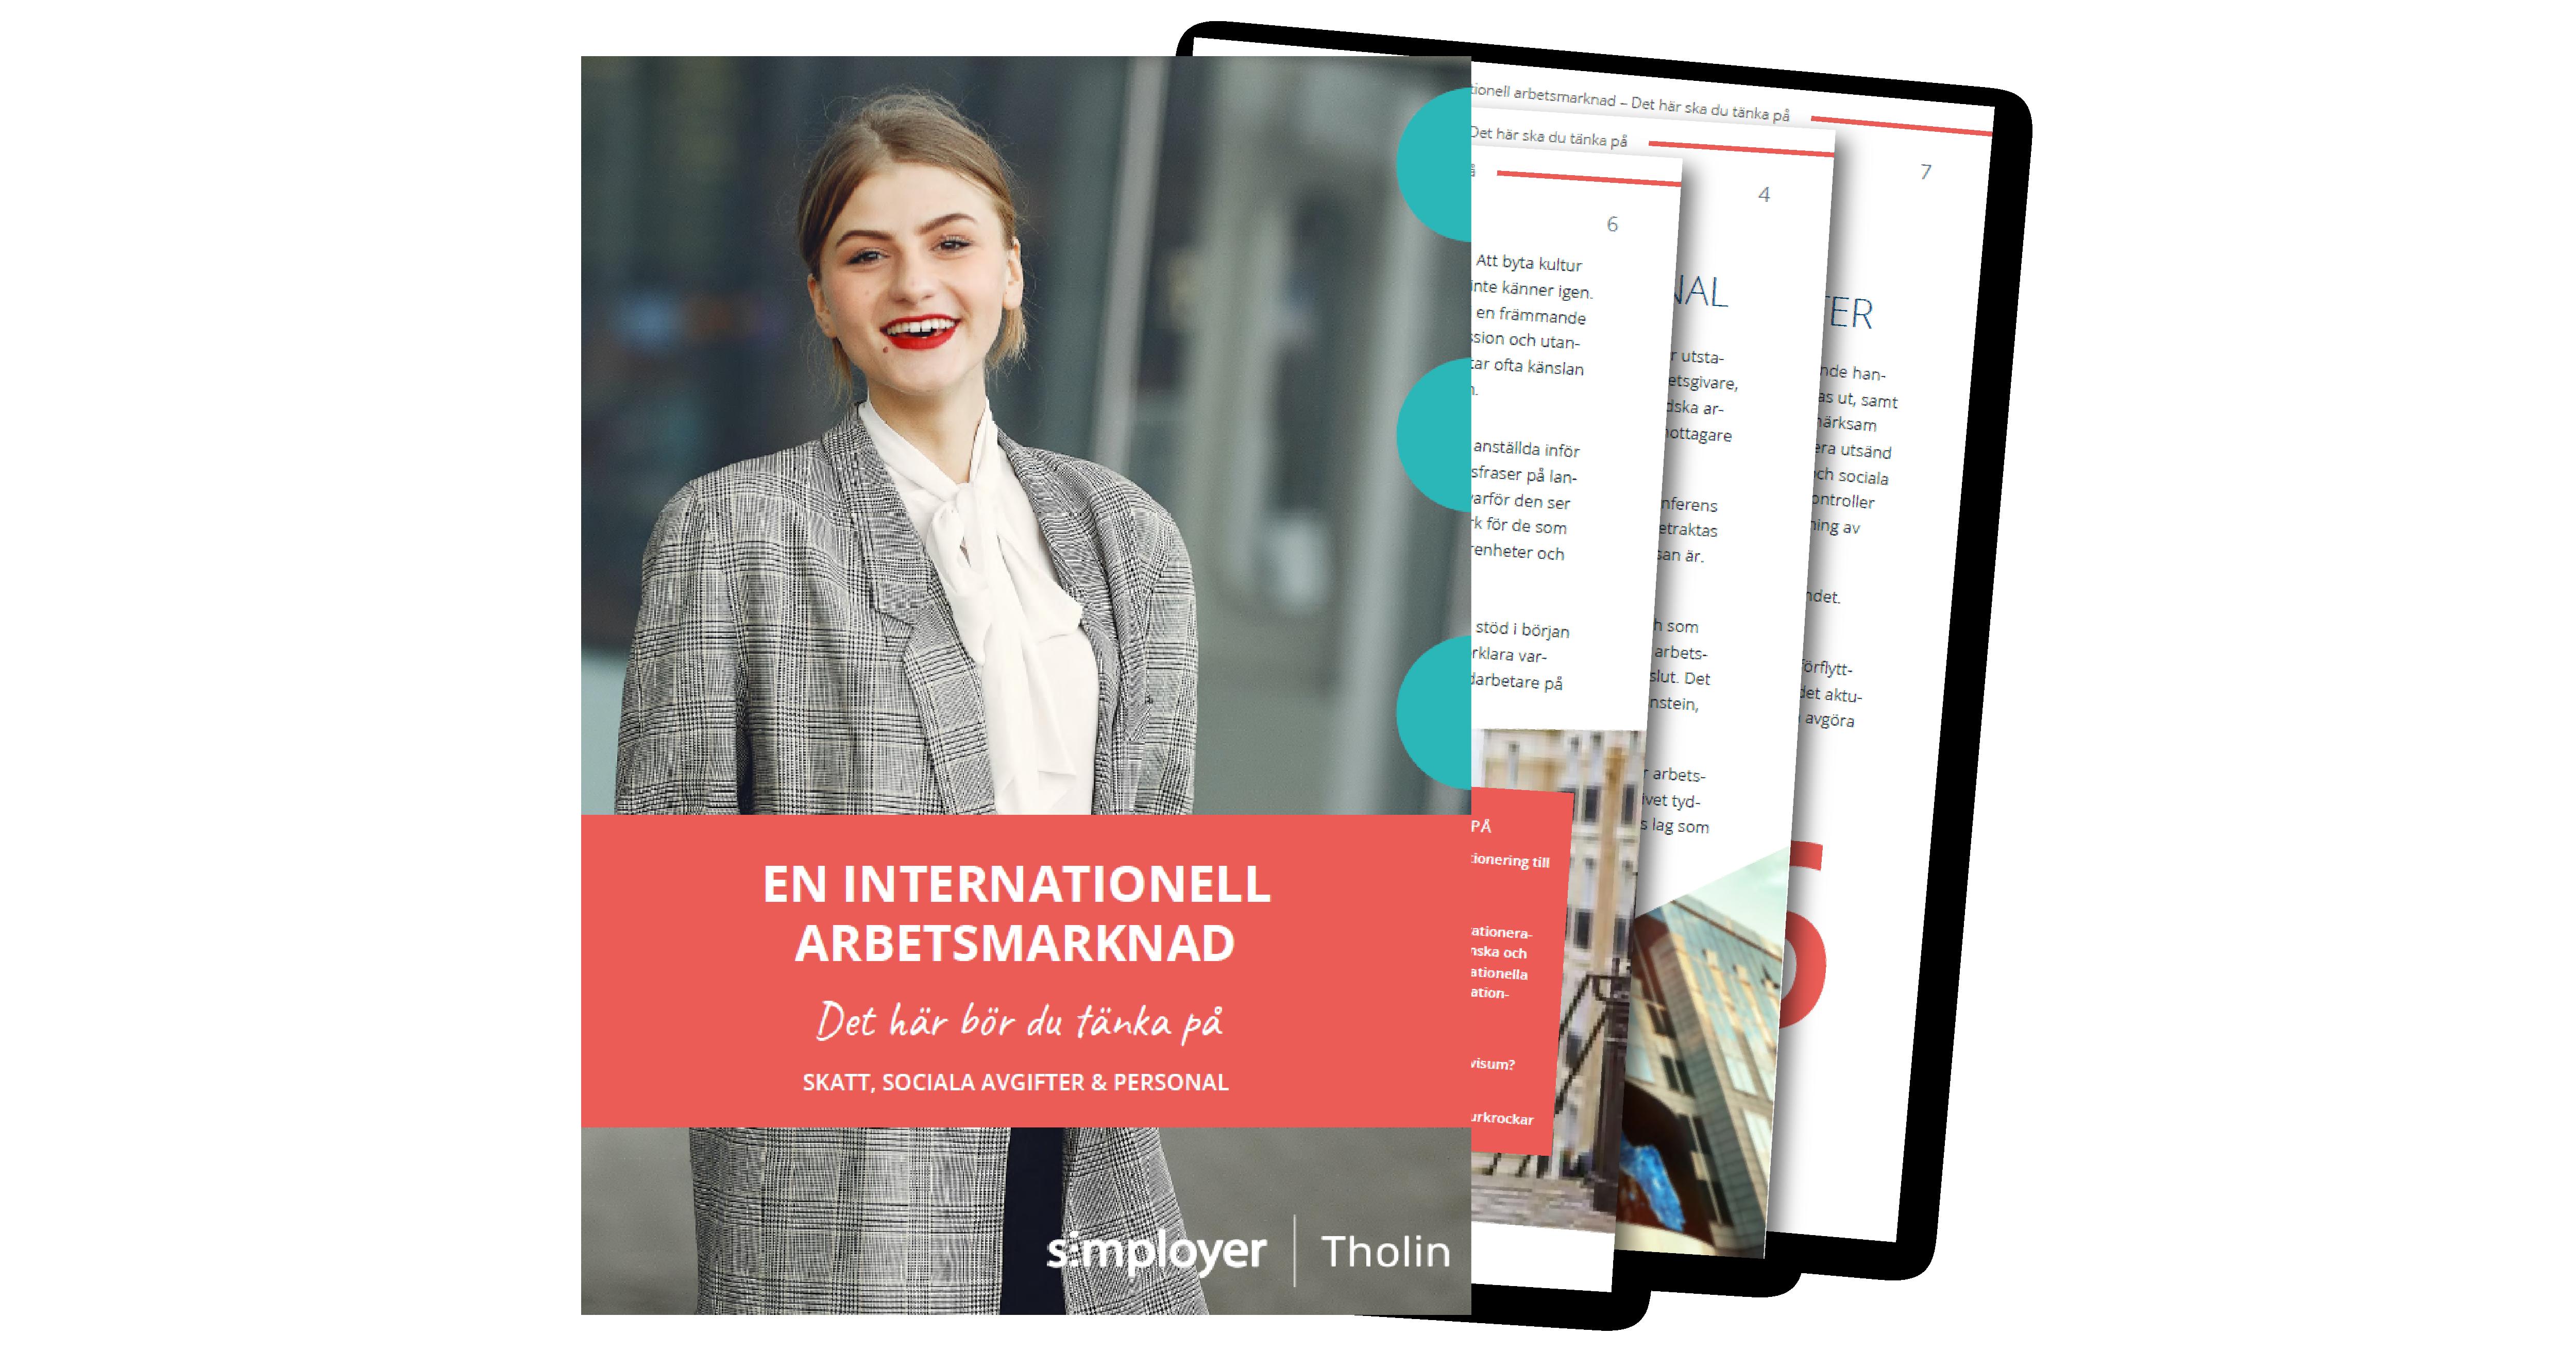 E-boken En internationell arbetsmarknad